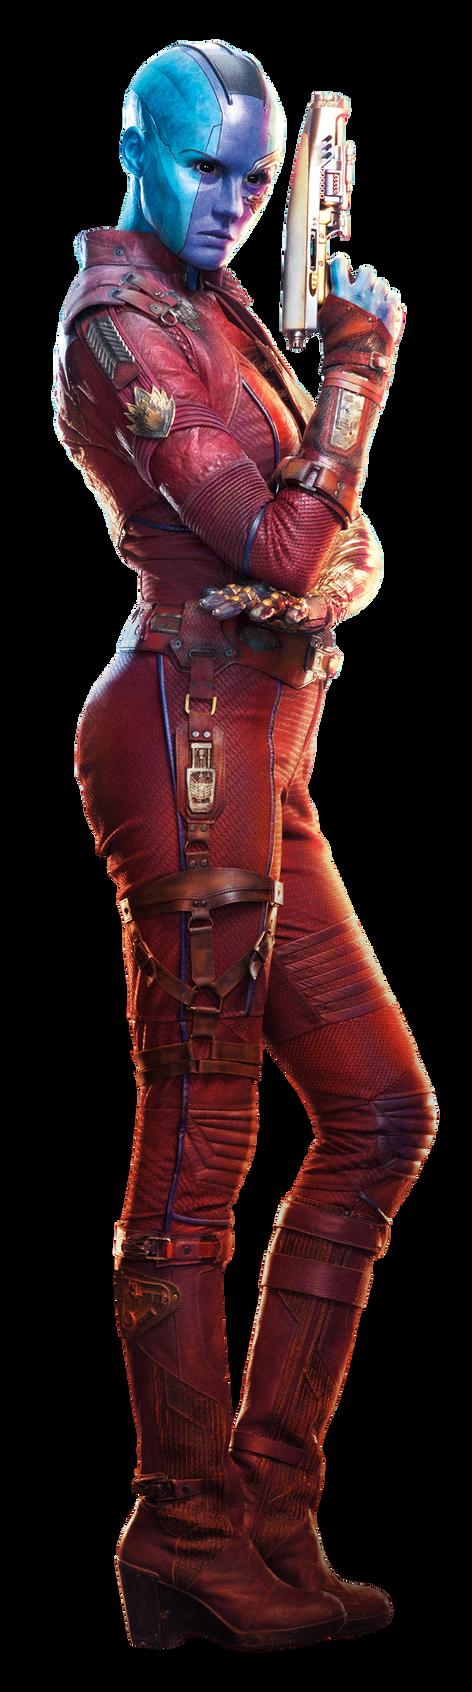 Guardians Of The Galaxy vol.2 | Nebula png. by mintmovi3